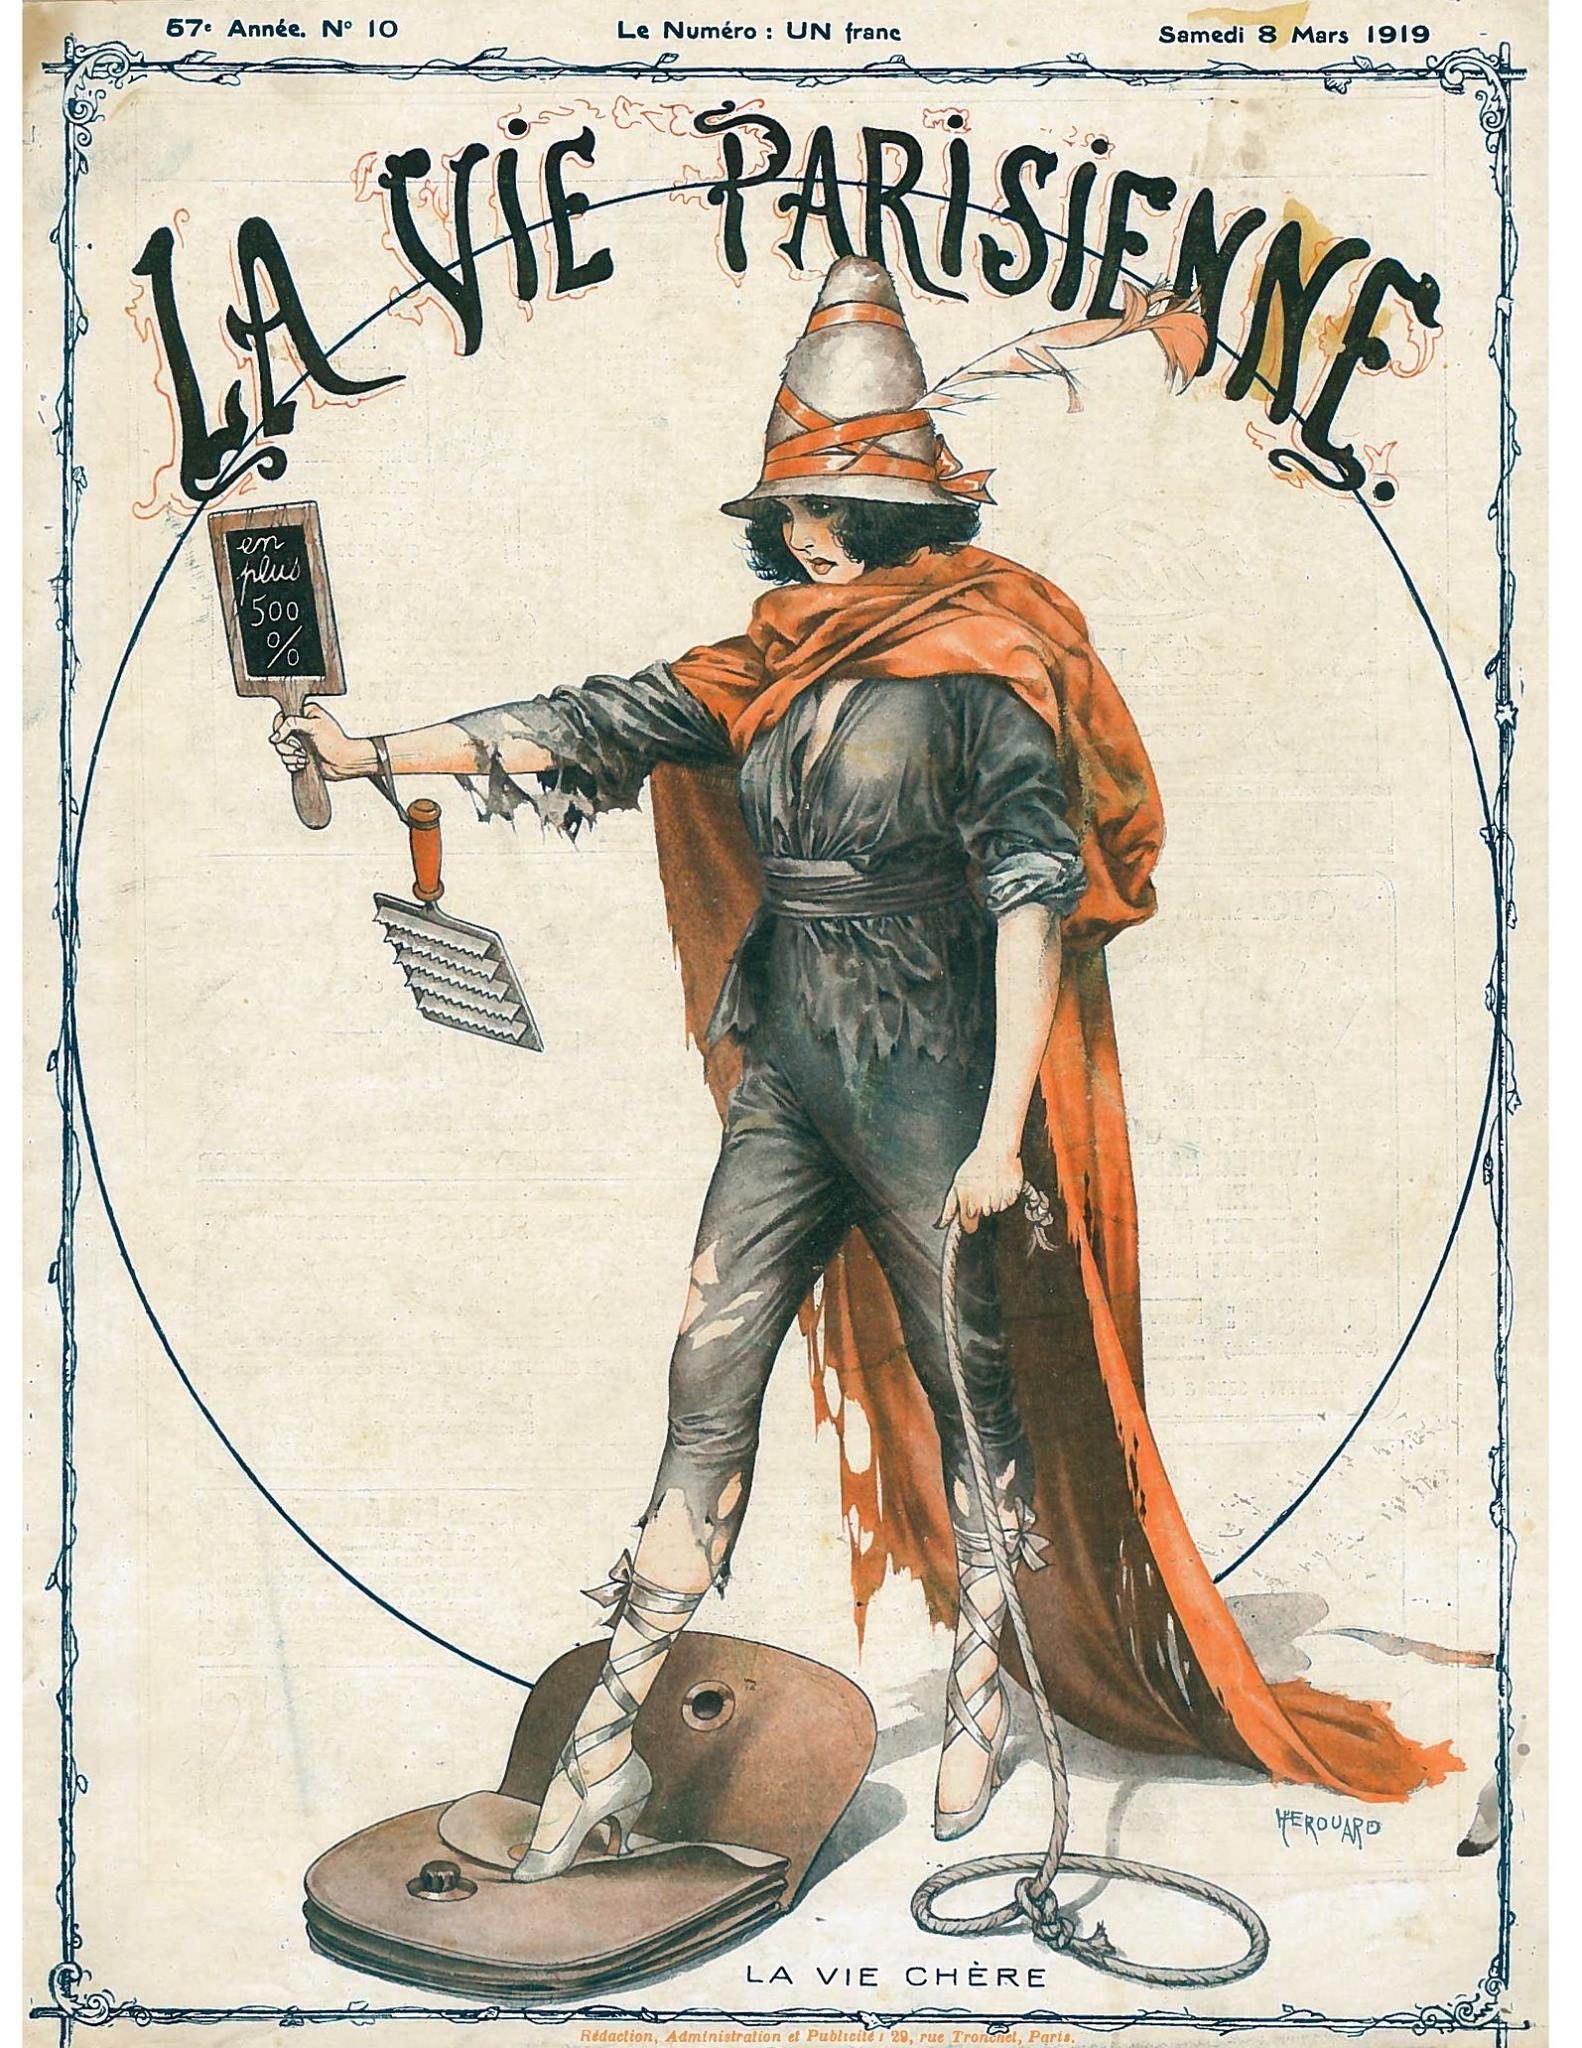 La Vie Parisiennne (France)  8 March 1919  Vol. 57, No. 10   Cover Art - Chéri Hérouard